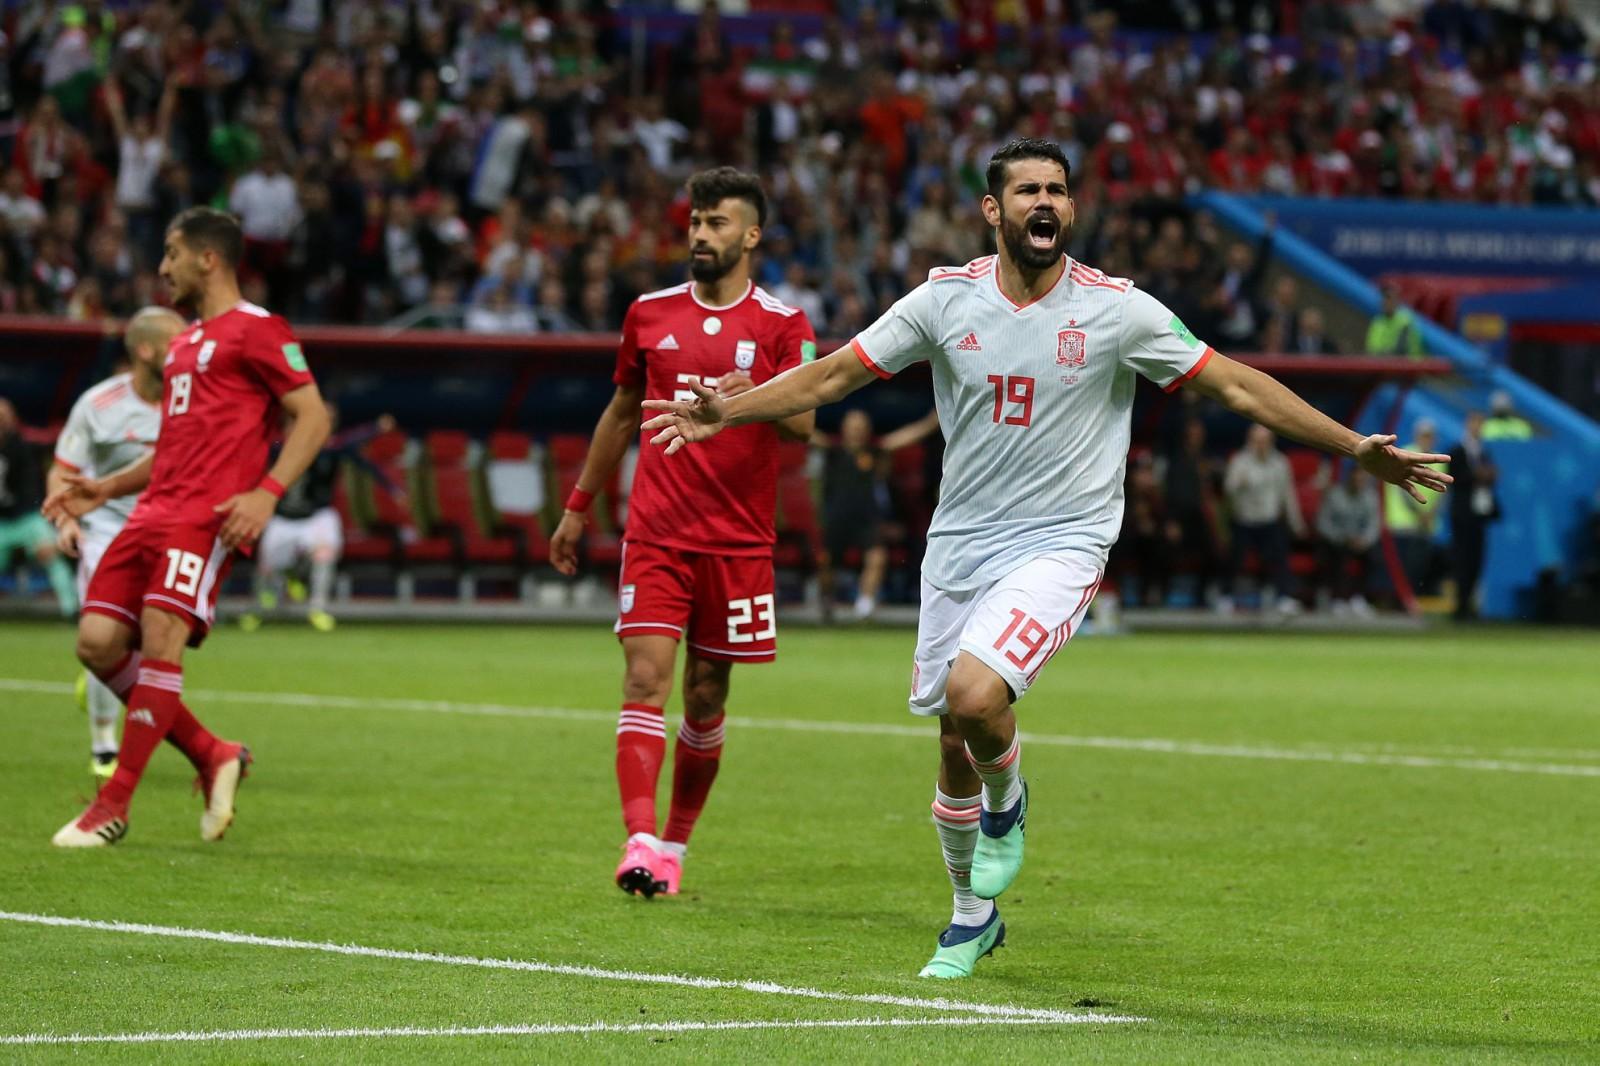 Naționala Spaniei a avut emoții în partida cu Iran. Ibericii s-au impus cu 1-0 și așteaptă partida cu Marocul